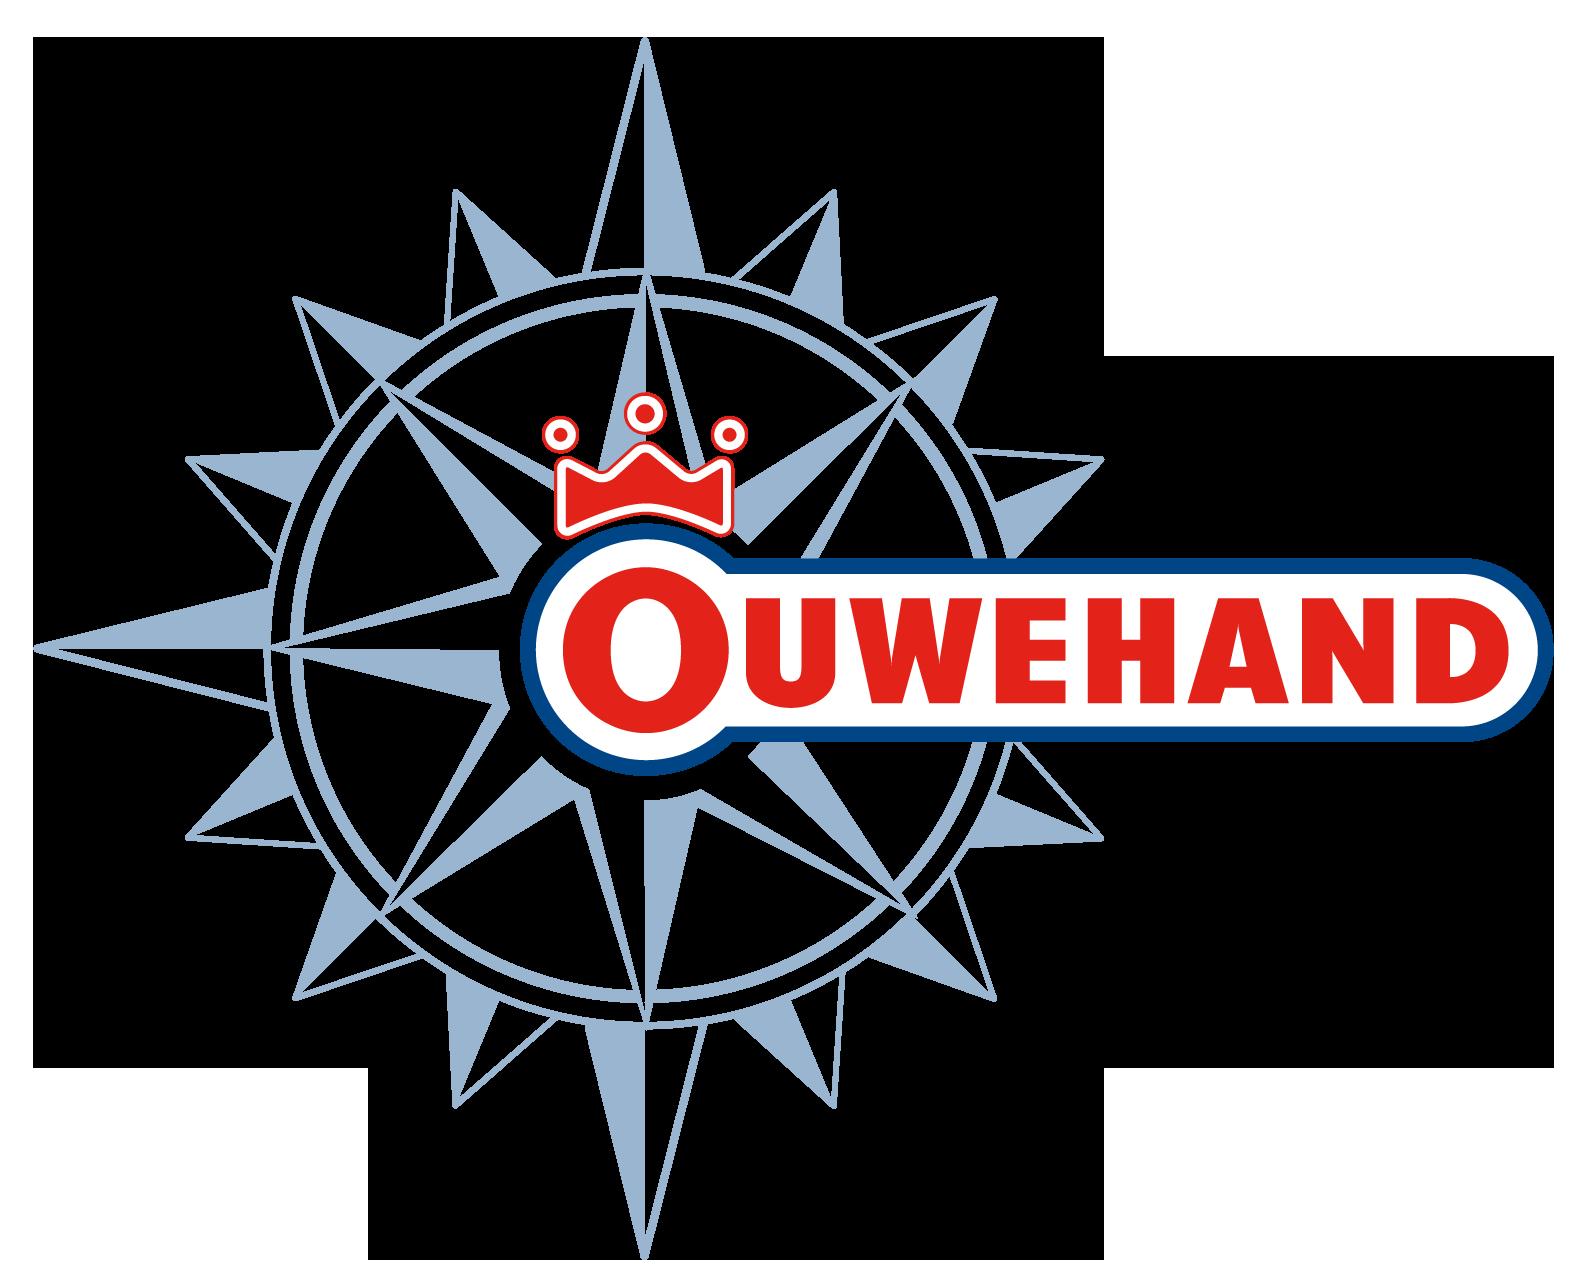 Ouwehand Visverwerking B.V.